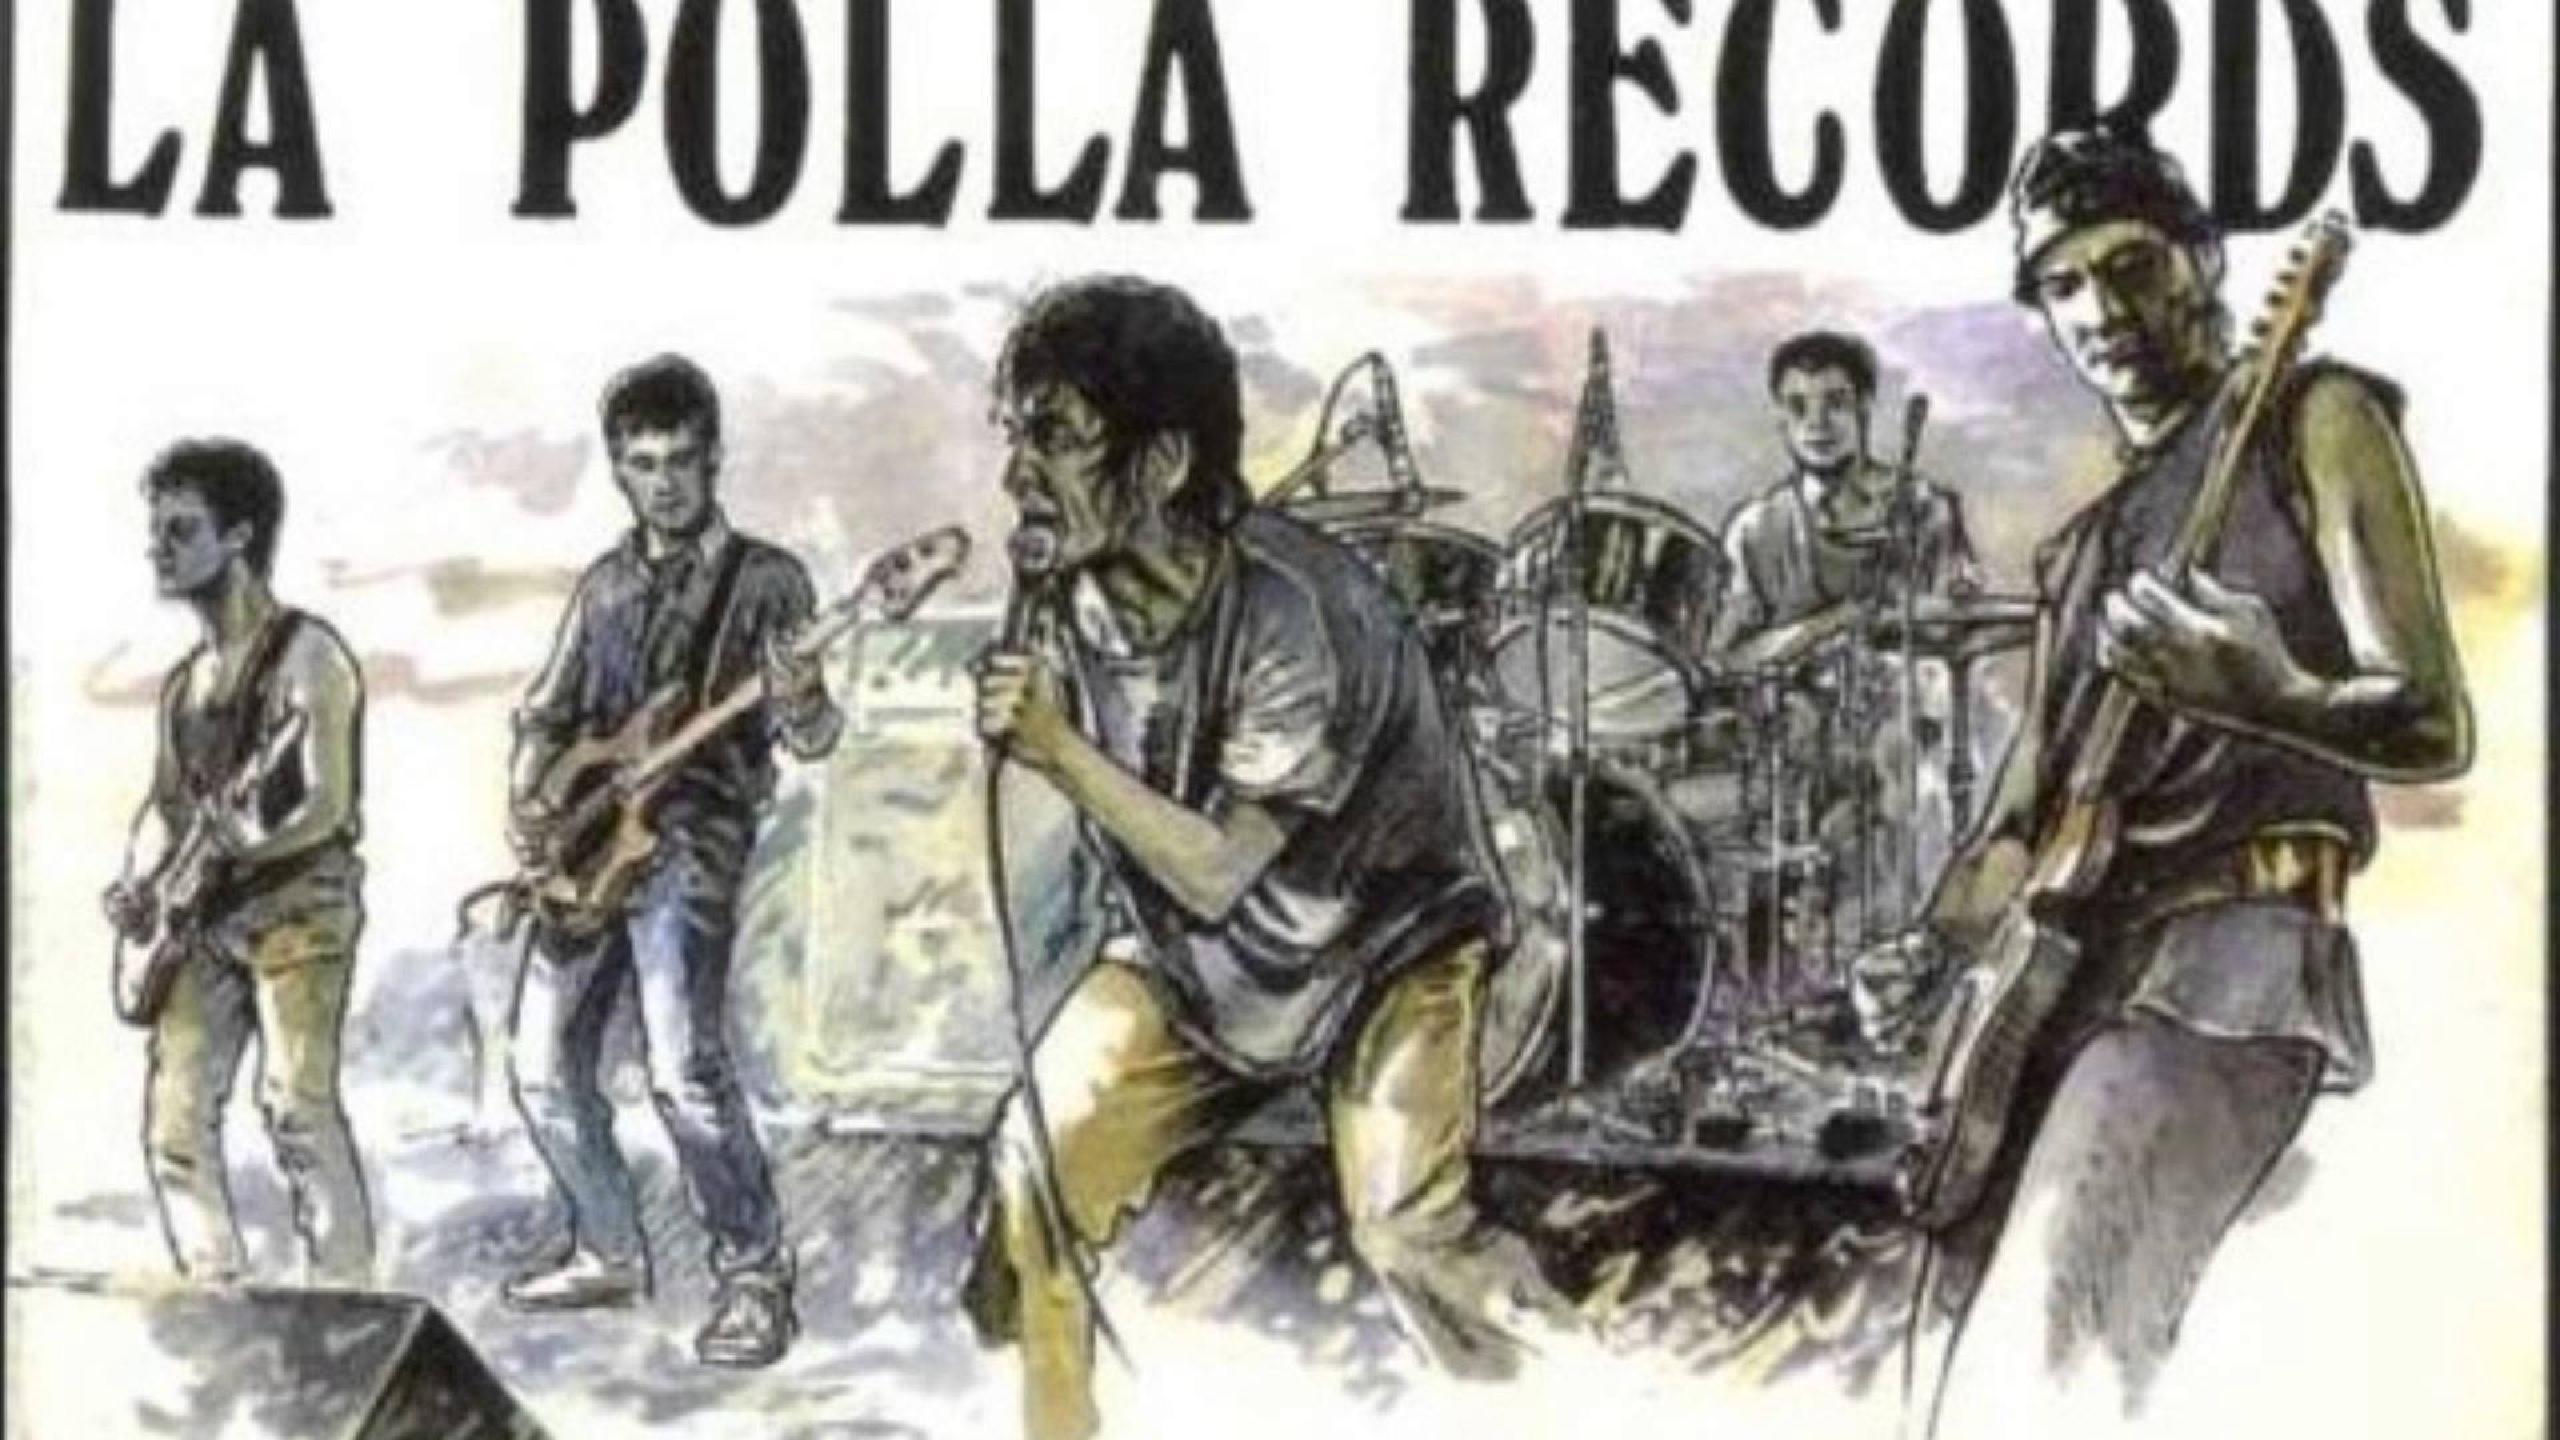 La Vuelta De La Polla Record Requesound